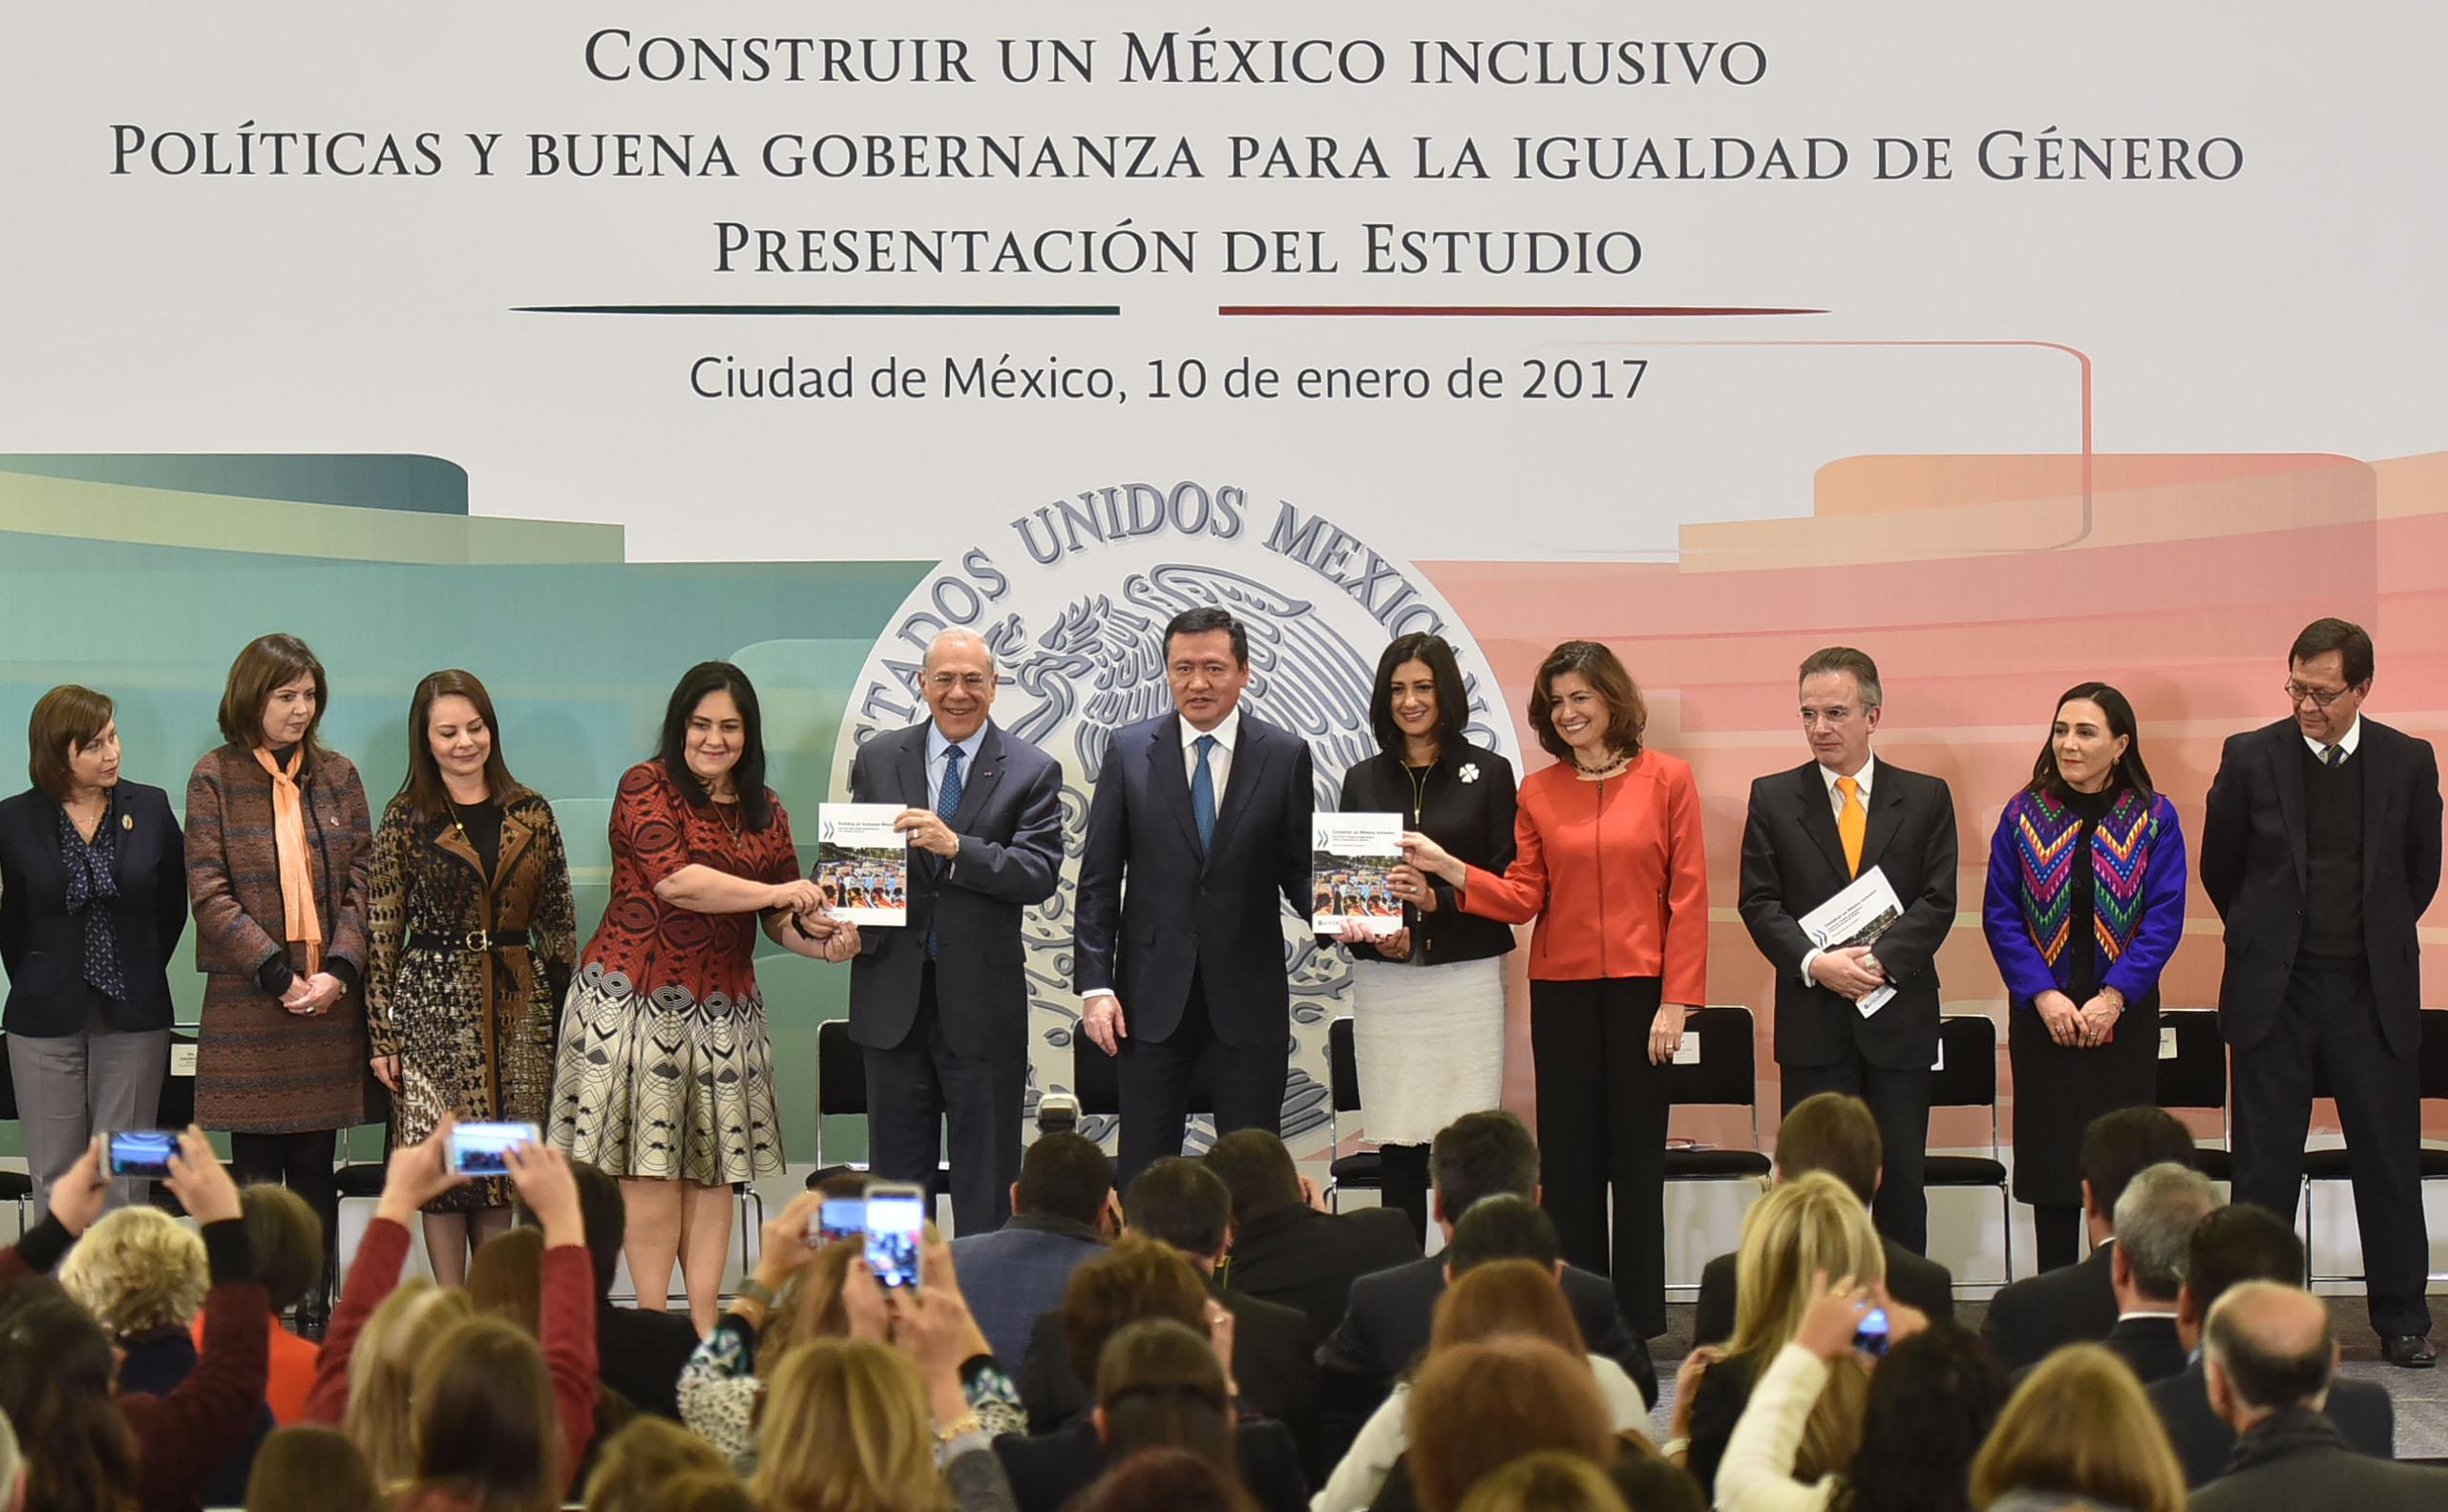 El Secretario de Gobernación, Miguel Ángel Osorio, durante la la presentación del estudio Construir un México Inclusivo. Política y Buena Gobernanza para la Igualdad de Género